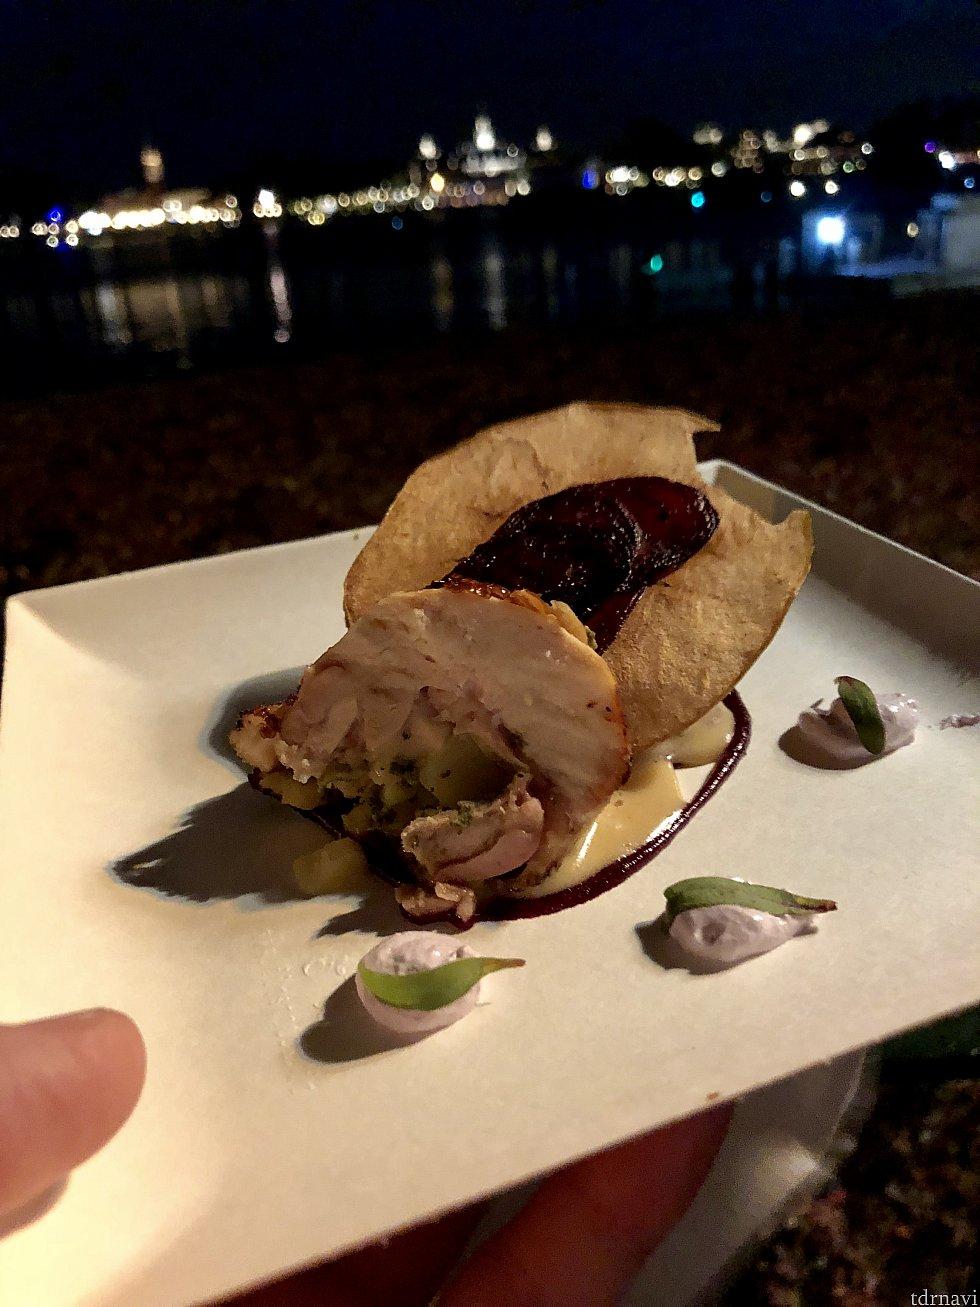 鶏肉にブルーベリーとビートが中に。そして薄ーいアップルチップと数種類のソースが添えられた、アーティスティックな一品。これも美味しくてオススメです。